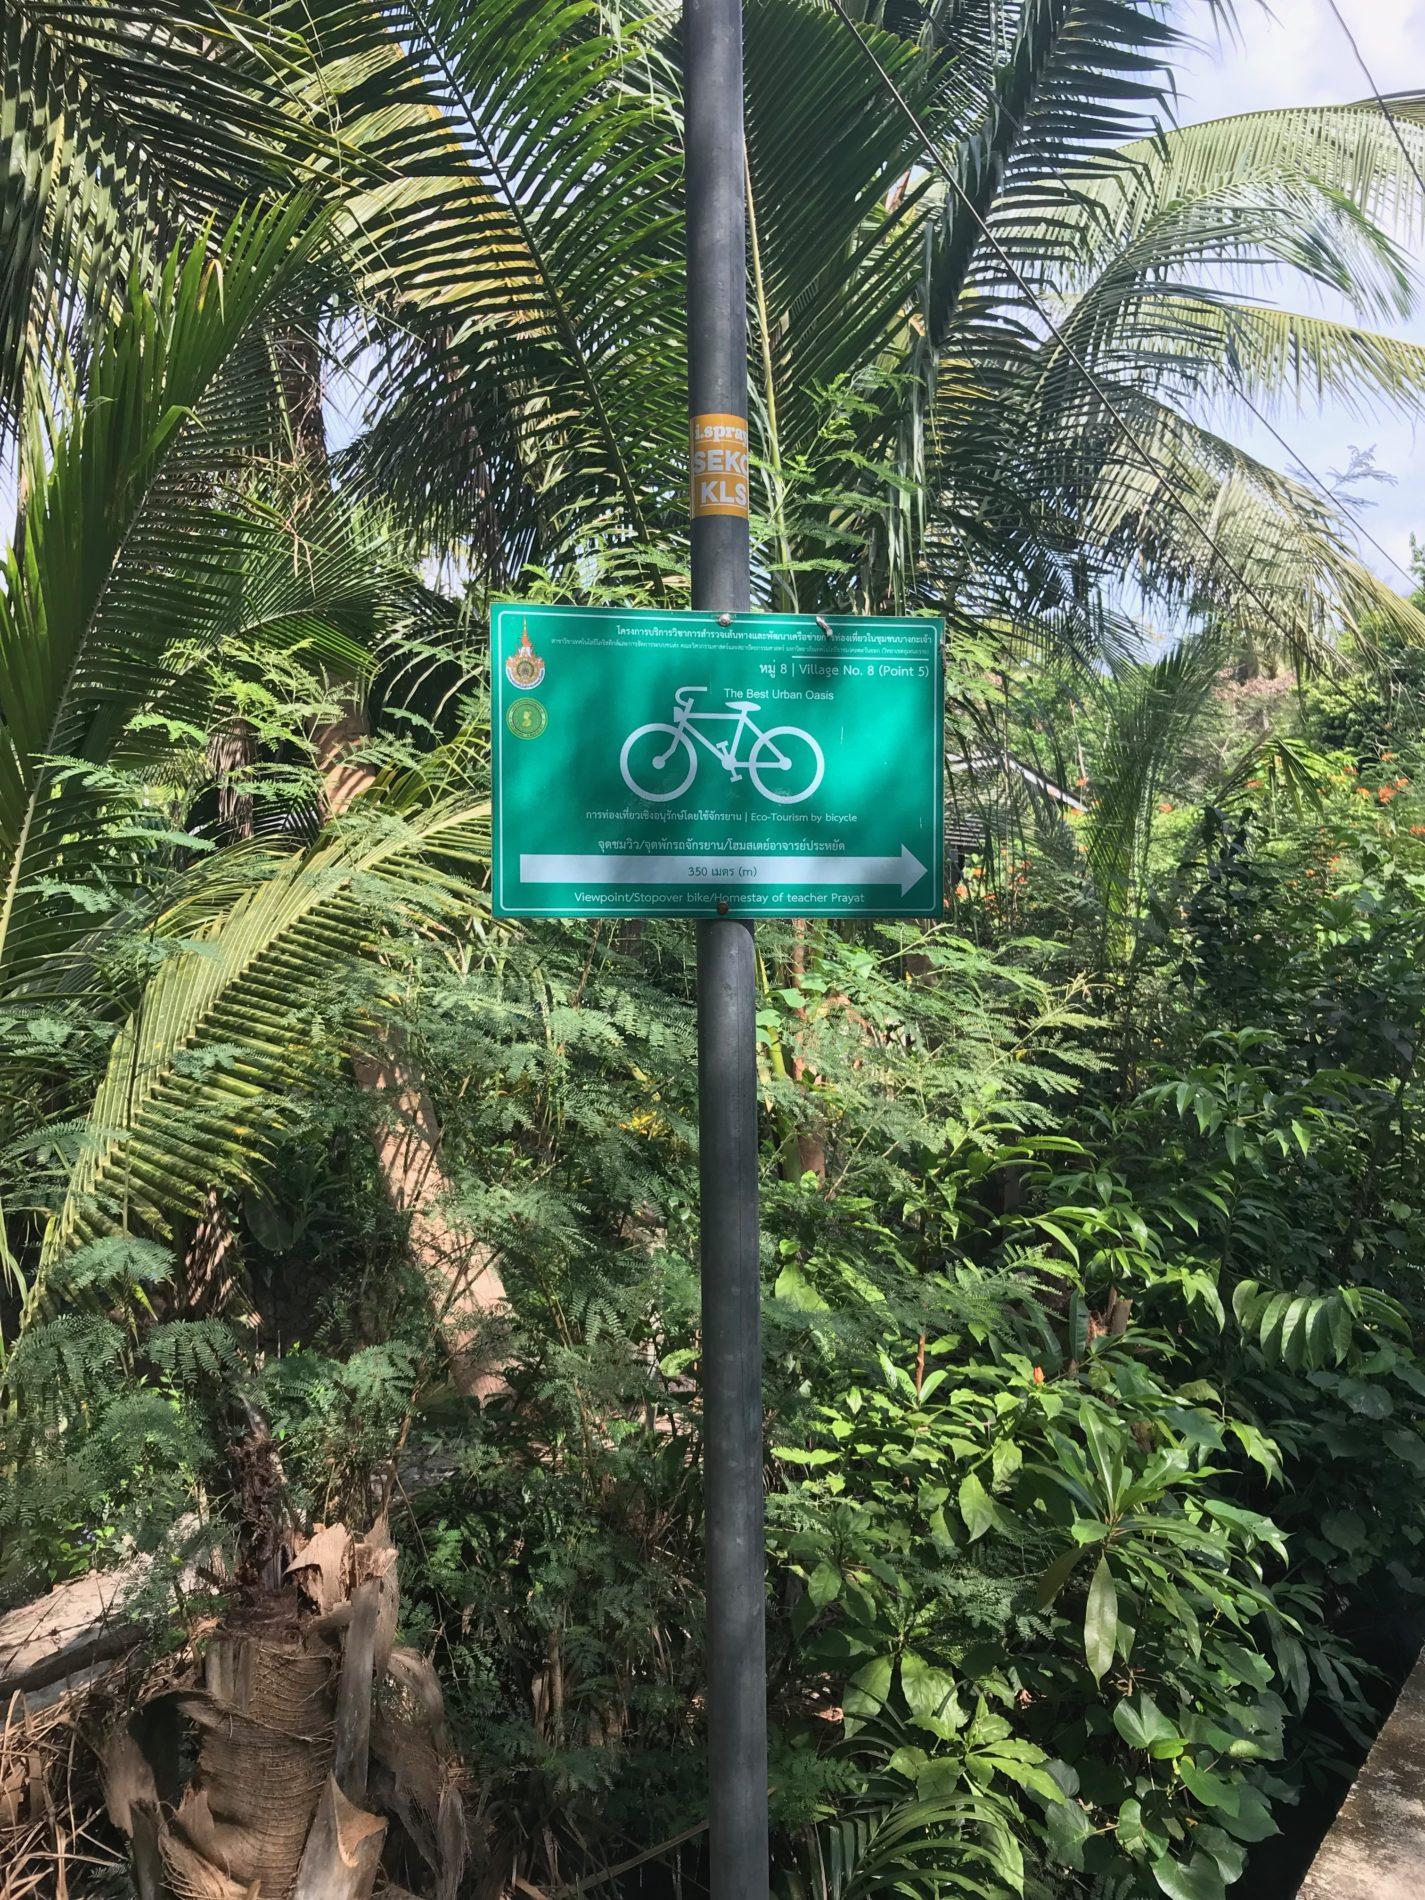 バーンカチャオ サイクリングロード